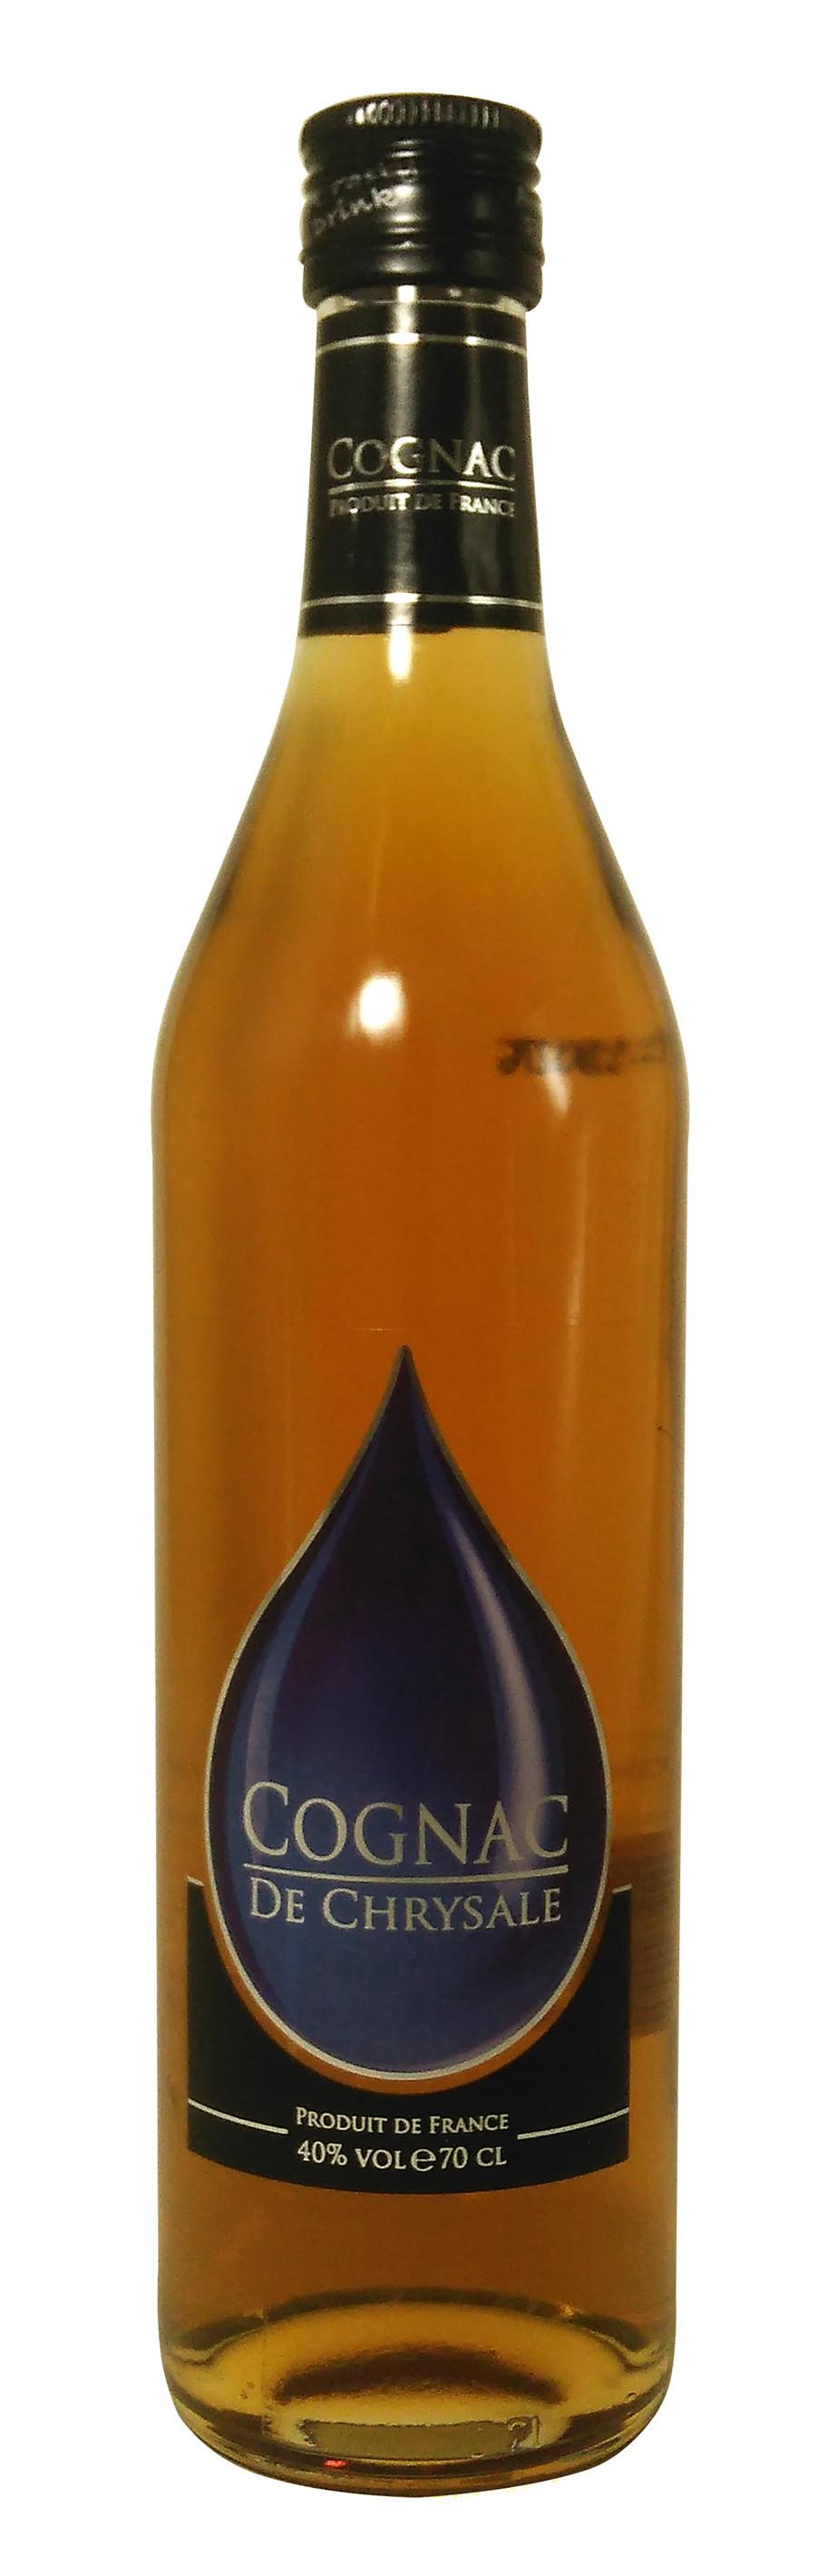 Cognac Chrysale 70cl 40% (Cognac)